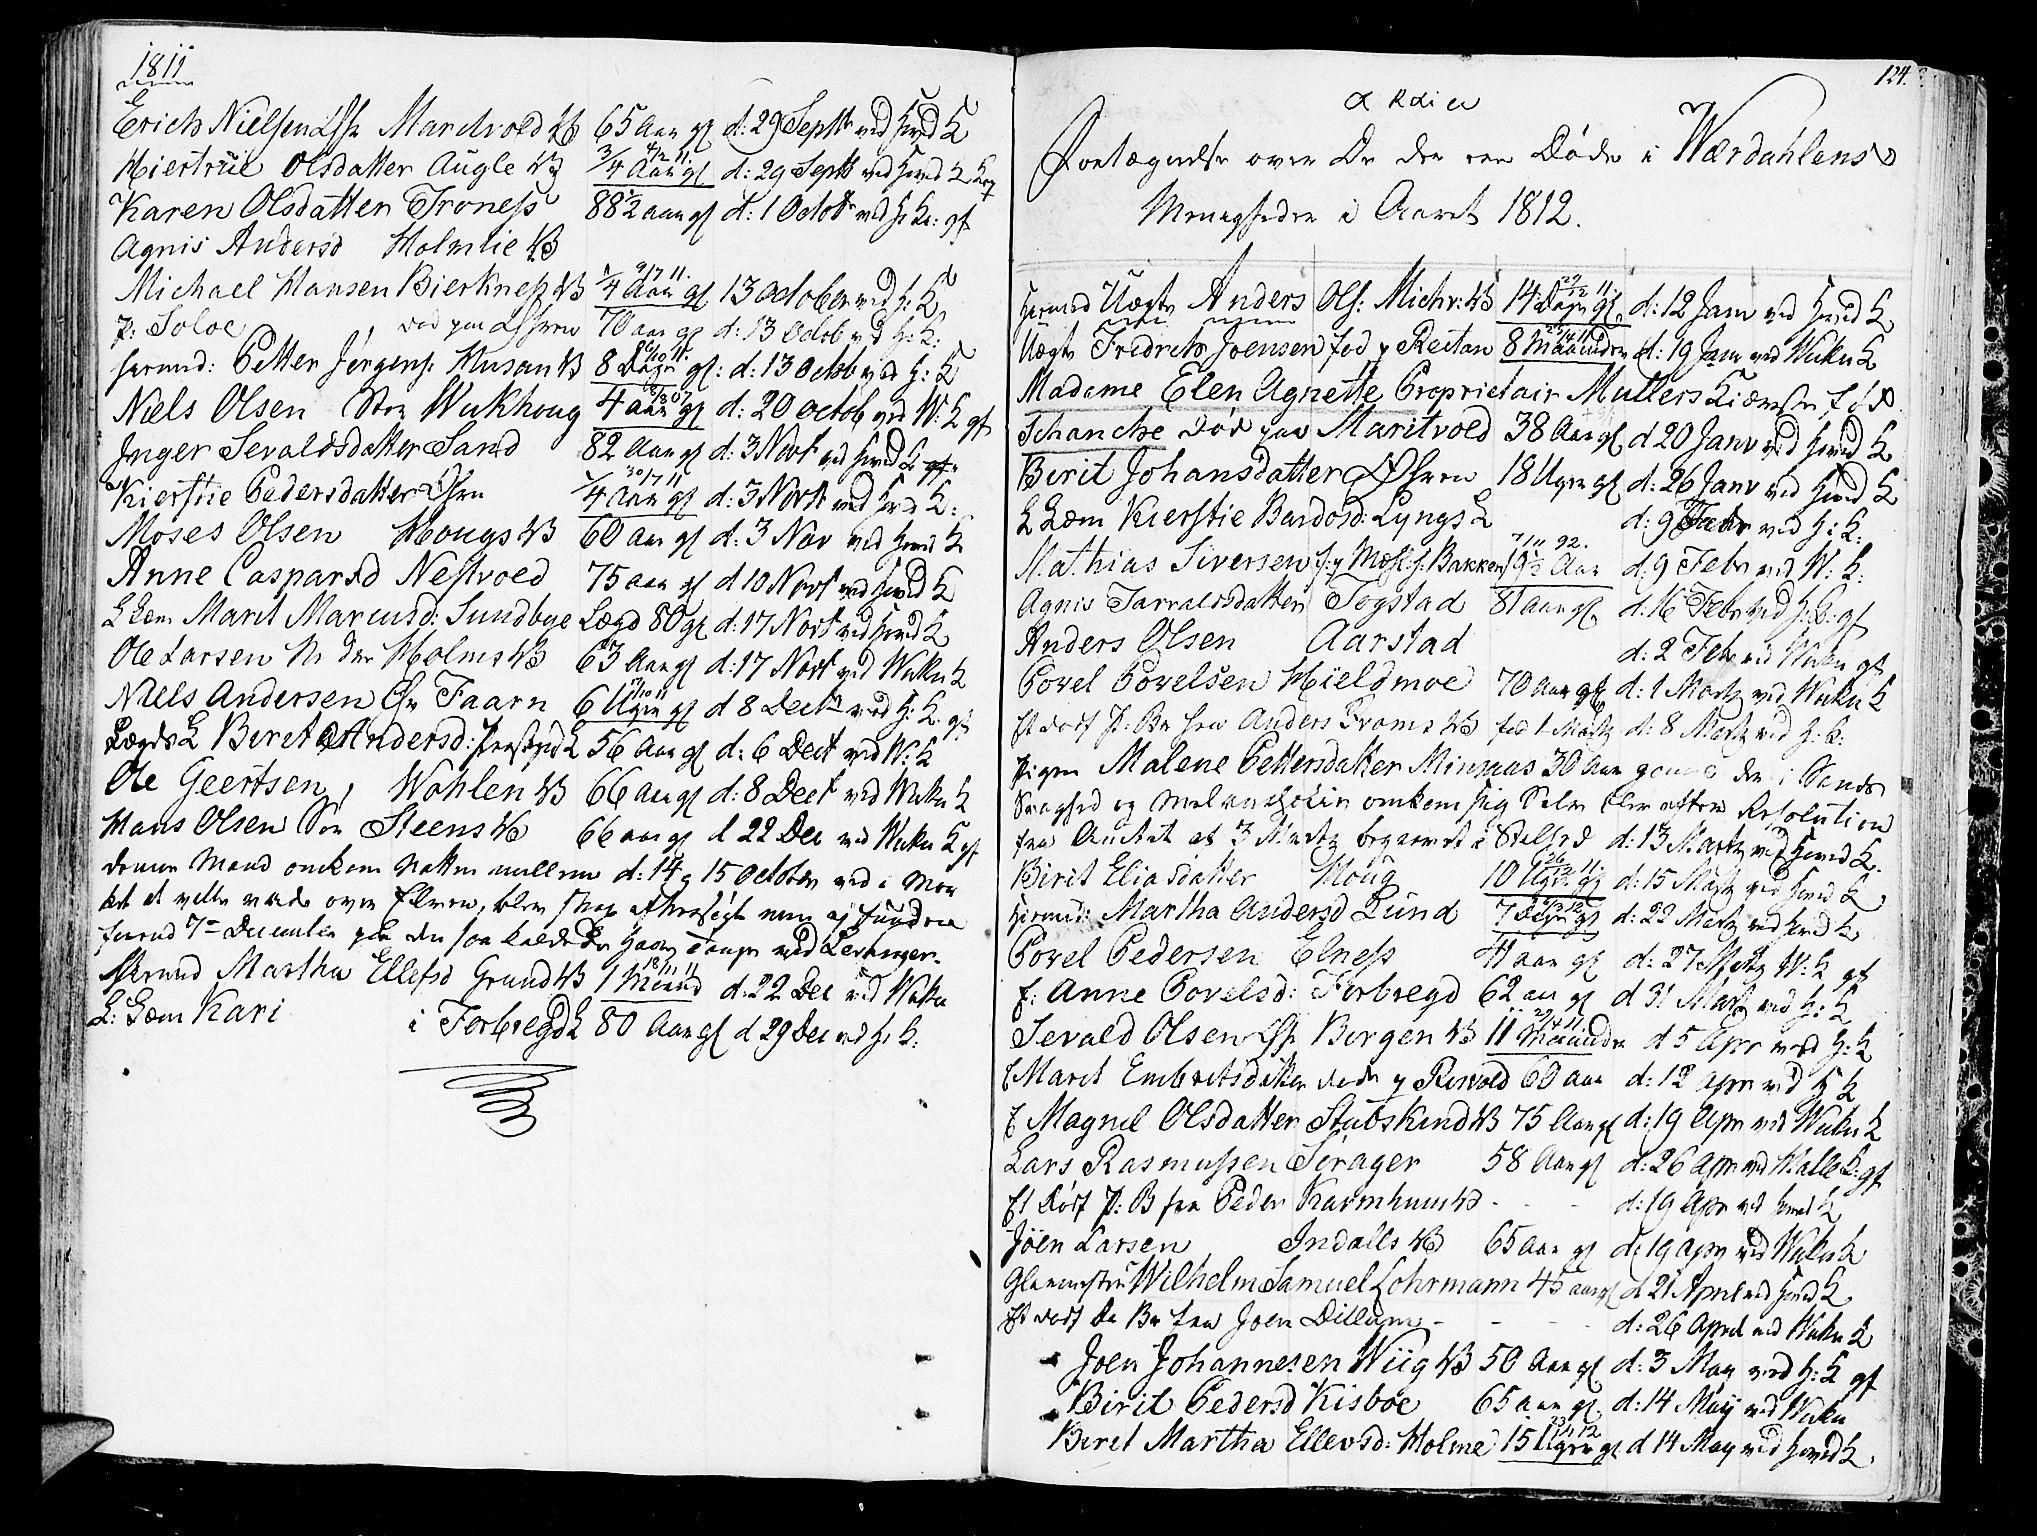 SAT, Ministerialprotokoller, klokkerbøker og fødselsregistre - Nord-Trøndelag, 723/L0233: Ministerialbok nr. 723A04, 1805-1816, s. 124